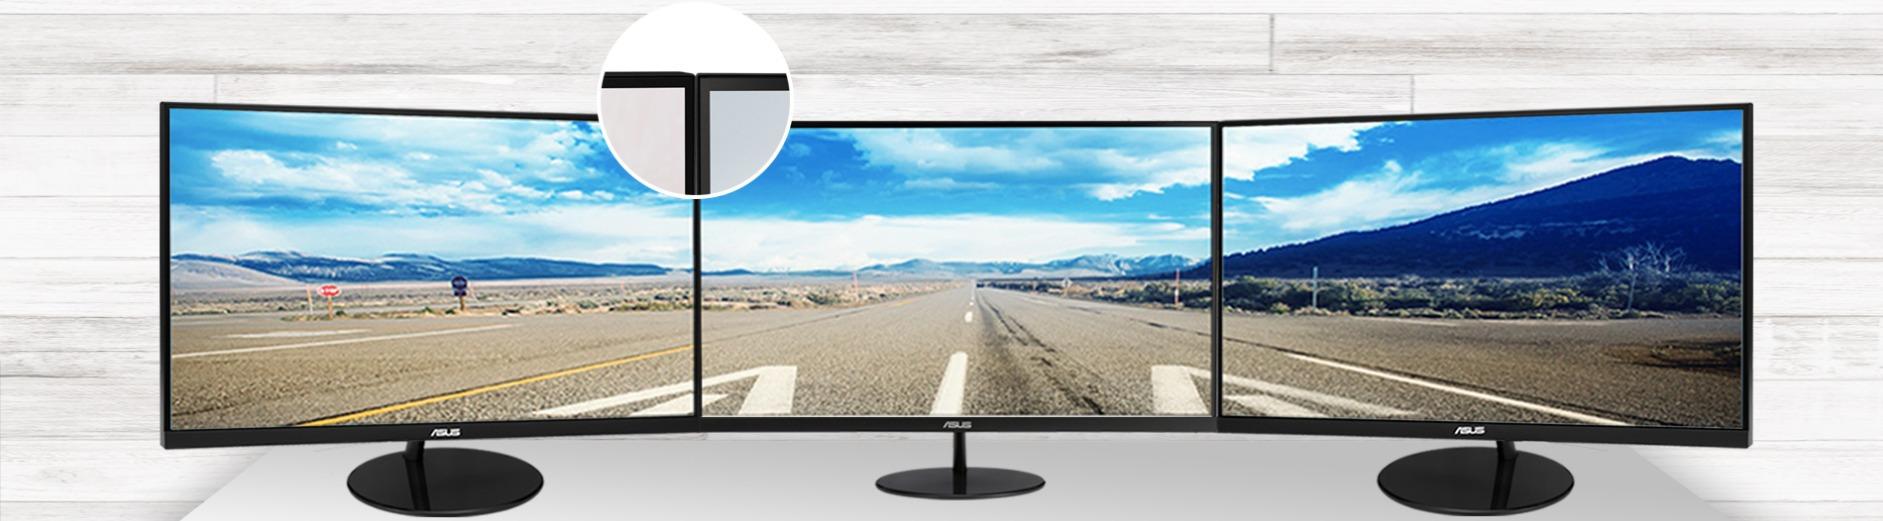 Màn hình ASUS VL279HE hoàn hảo cho thiết lập đa màn hình